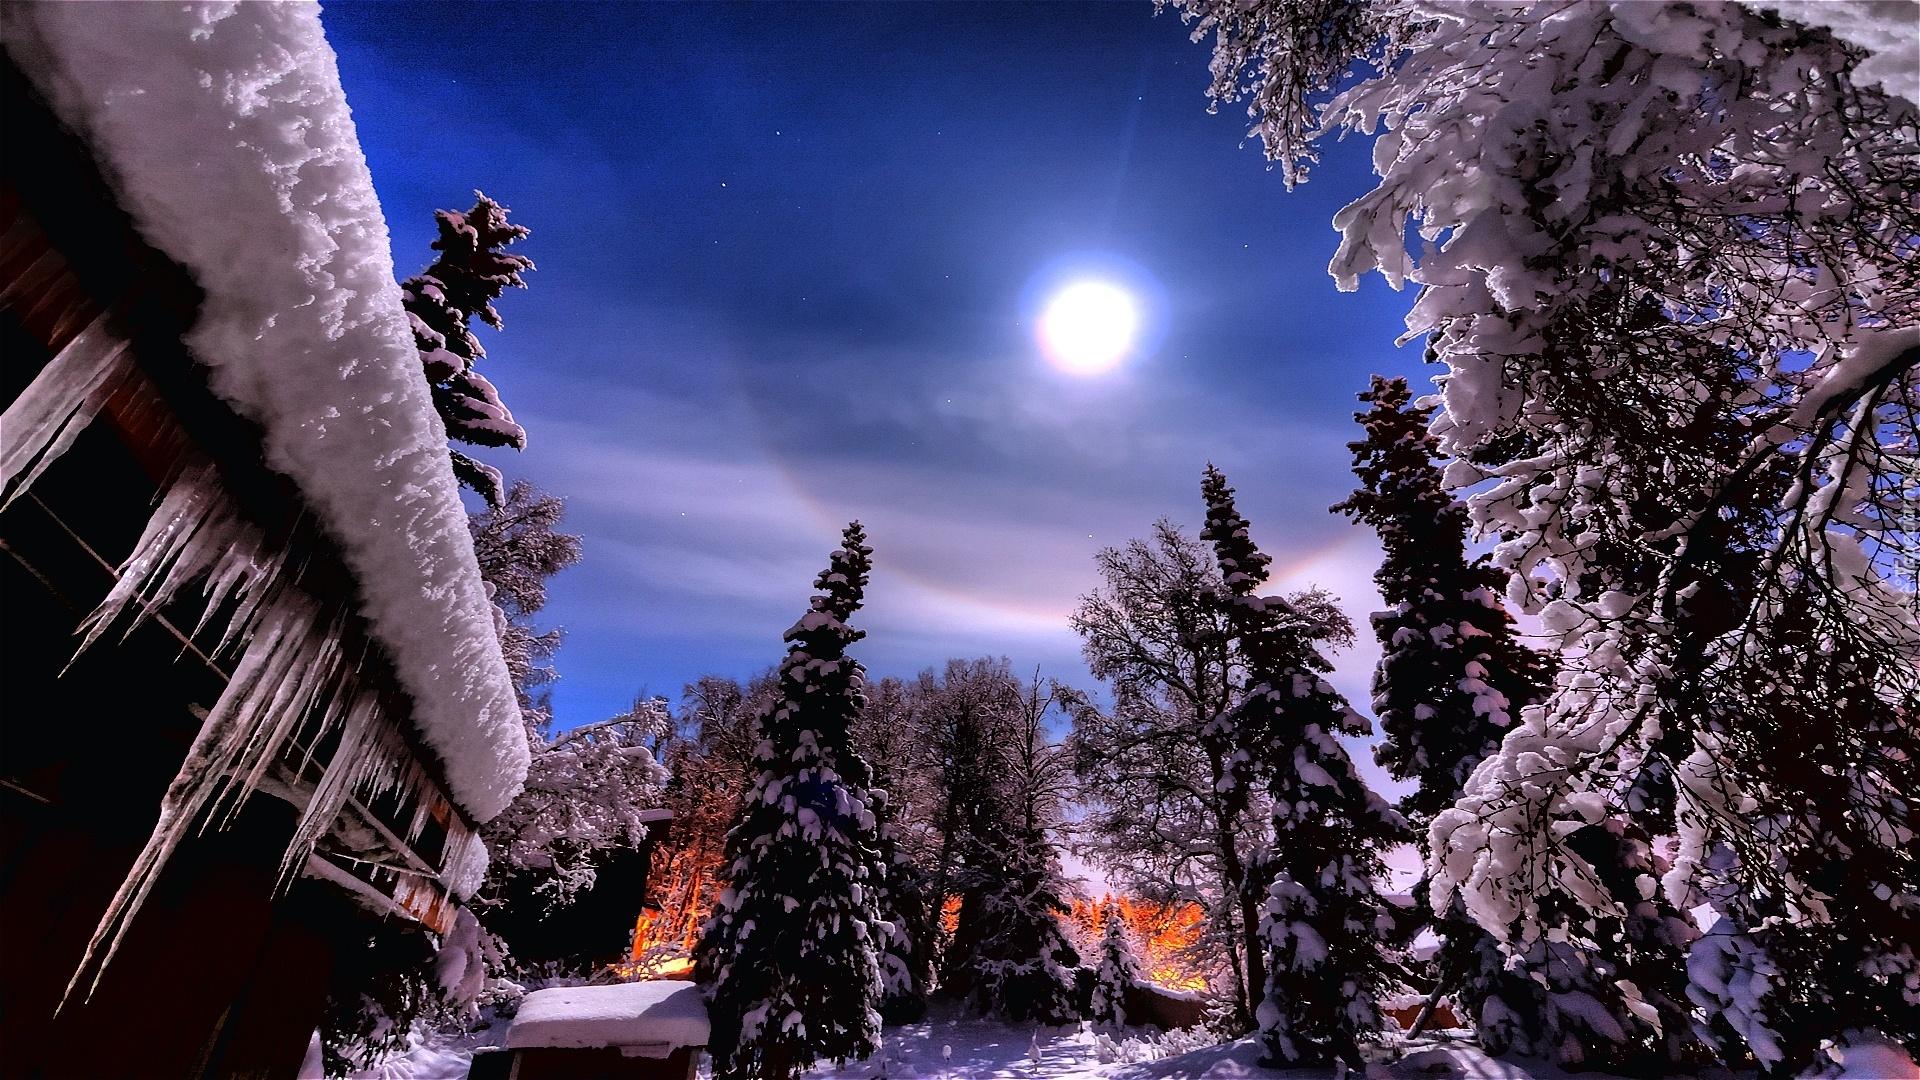 картинка зимний вечер на телефон также